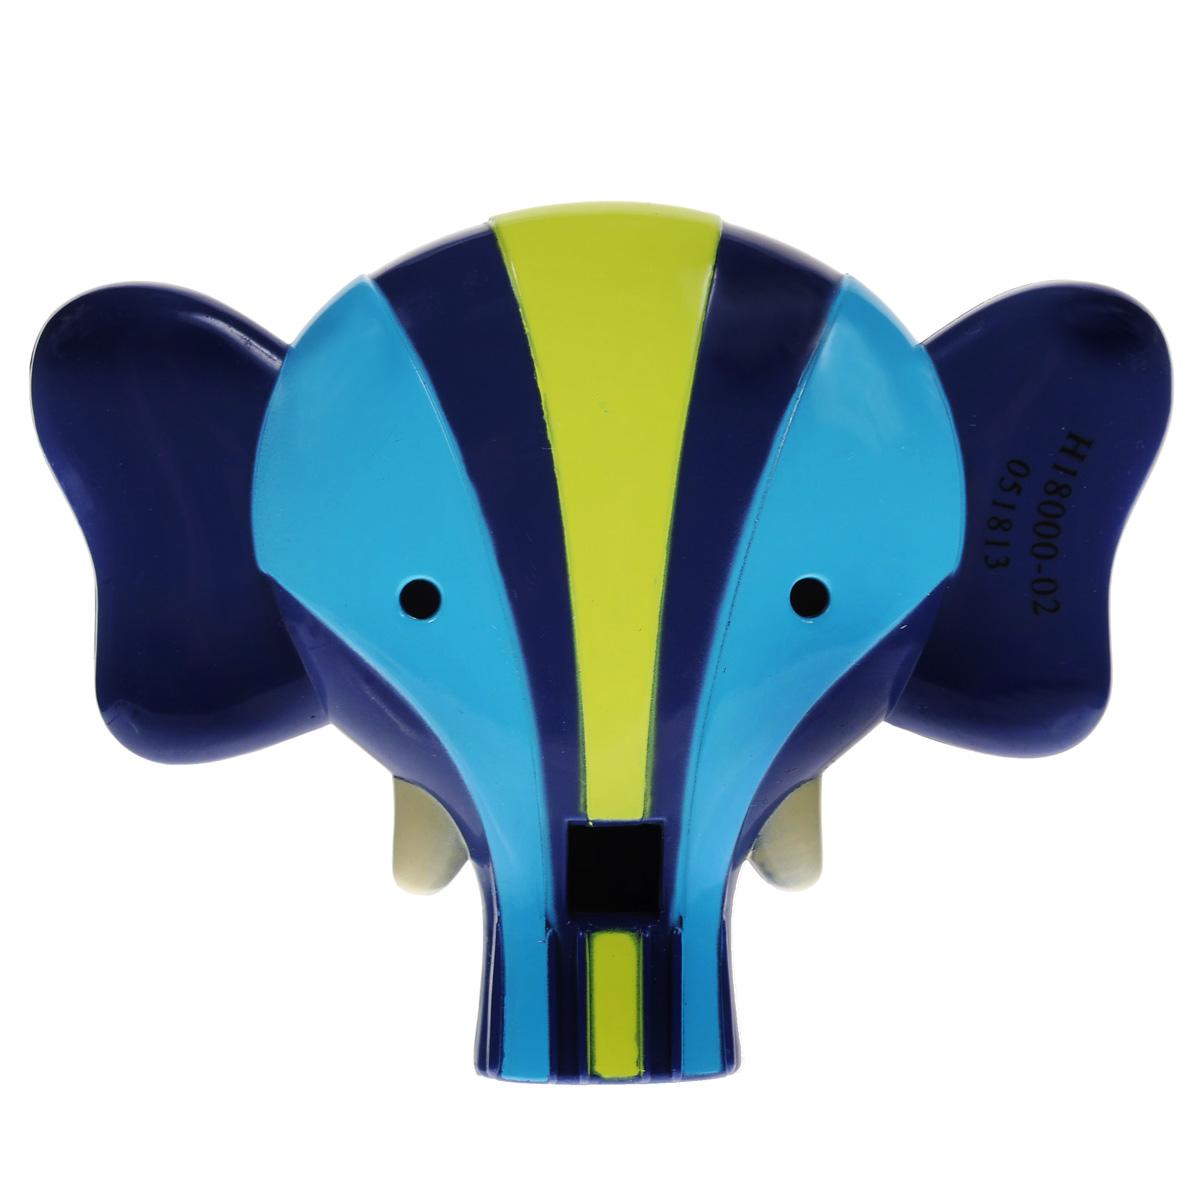 Свисток Battat Слон68663Свисток Battat Слон приведет в восторг вашего малыша! Оригинальный свисток выполнен из яркого безопасного пластика в виде головы слоника. Ребенку понравится извлекать из свистка звуки: достаточно залить в игрушку немного воды, и малыш сможет весело свистеть. Игрушка развивает мелкую моторику, музыкальный слух и творческие способности ребенка. Рекомендуемый возраст: от 2 до 6 лет. История американской компании Battat насчитывает уже более ста лет: начавшись с небольшого семейного бизнеса, со временем производство приобрело гораздо более внушительные размеры. Сегодня Battat - это крупнейший производитель детских игрушек, известный во всем мире. Ориентируясь на интересы и предпочтения детей разного возраста, разработчики Battat создают уникальные развивающие игрушки высокого качества.